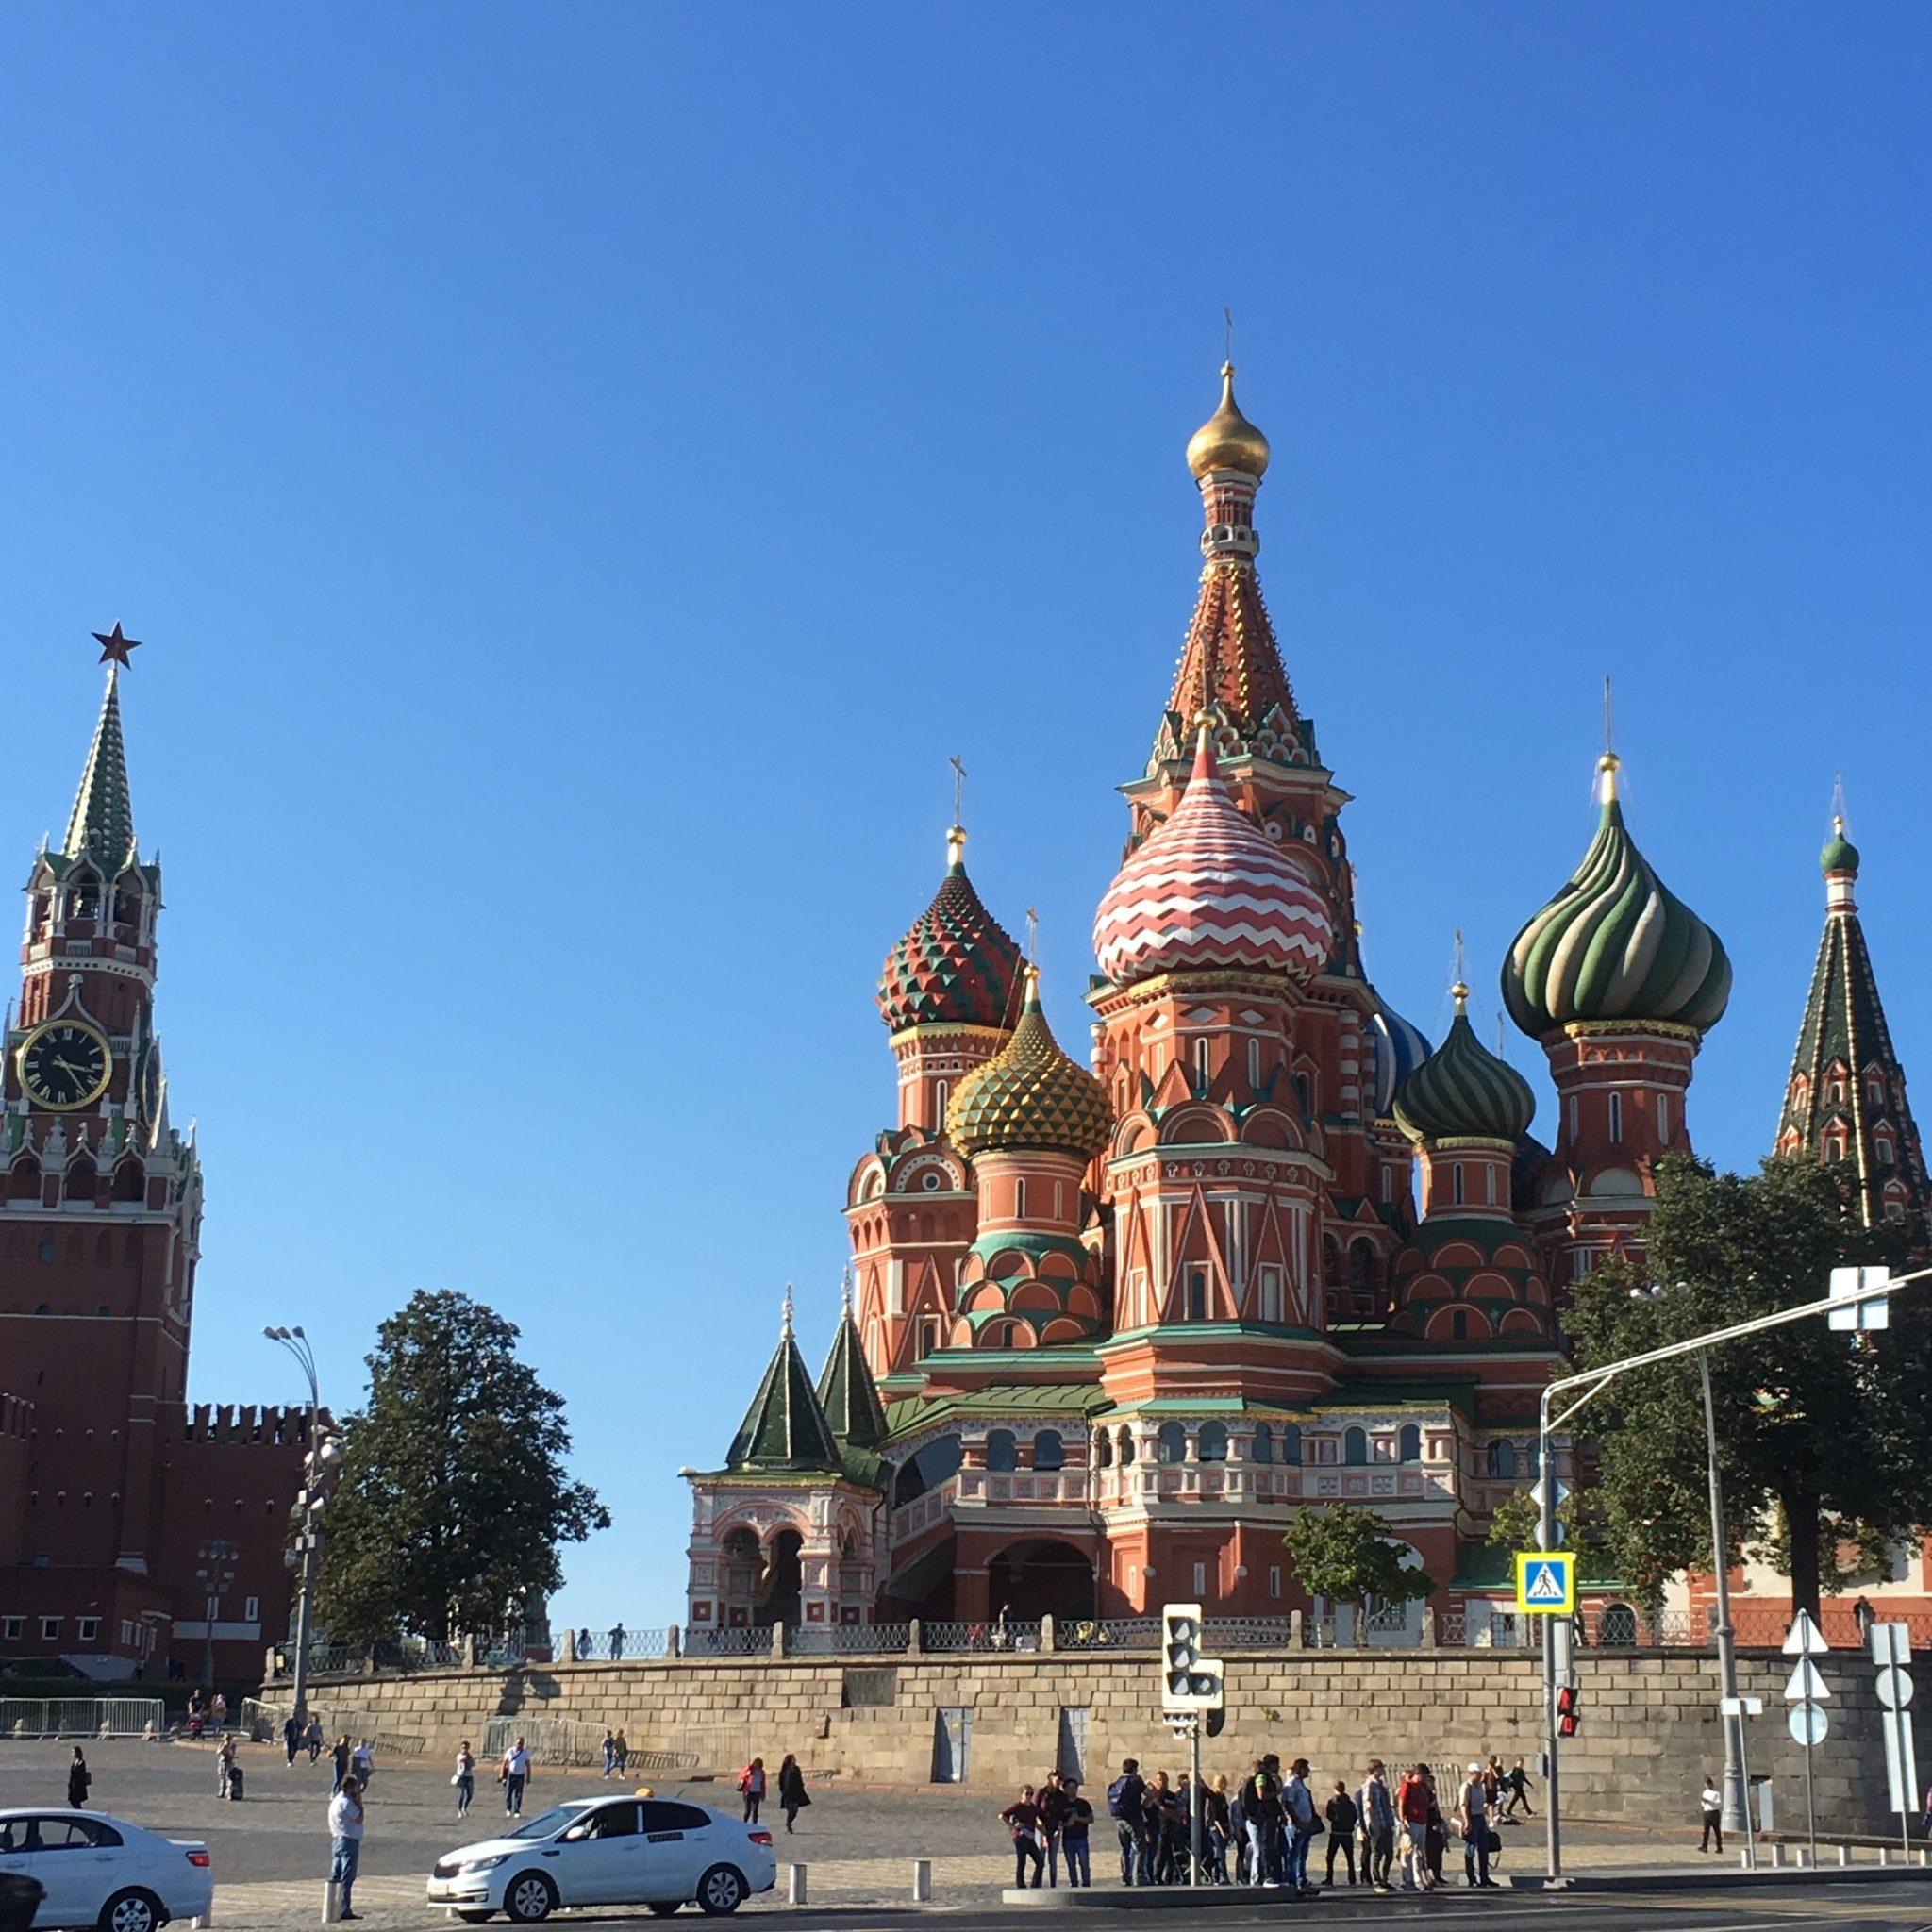 オルガン針株式会社が運営するミシンユーザーのための情報発信型通販サイトArt Stitch Room Powered by ORGAN NEEDLE CO.,LTD.(アートスティッチルーム)|ロシア訪問記 #1